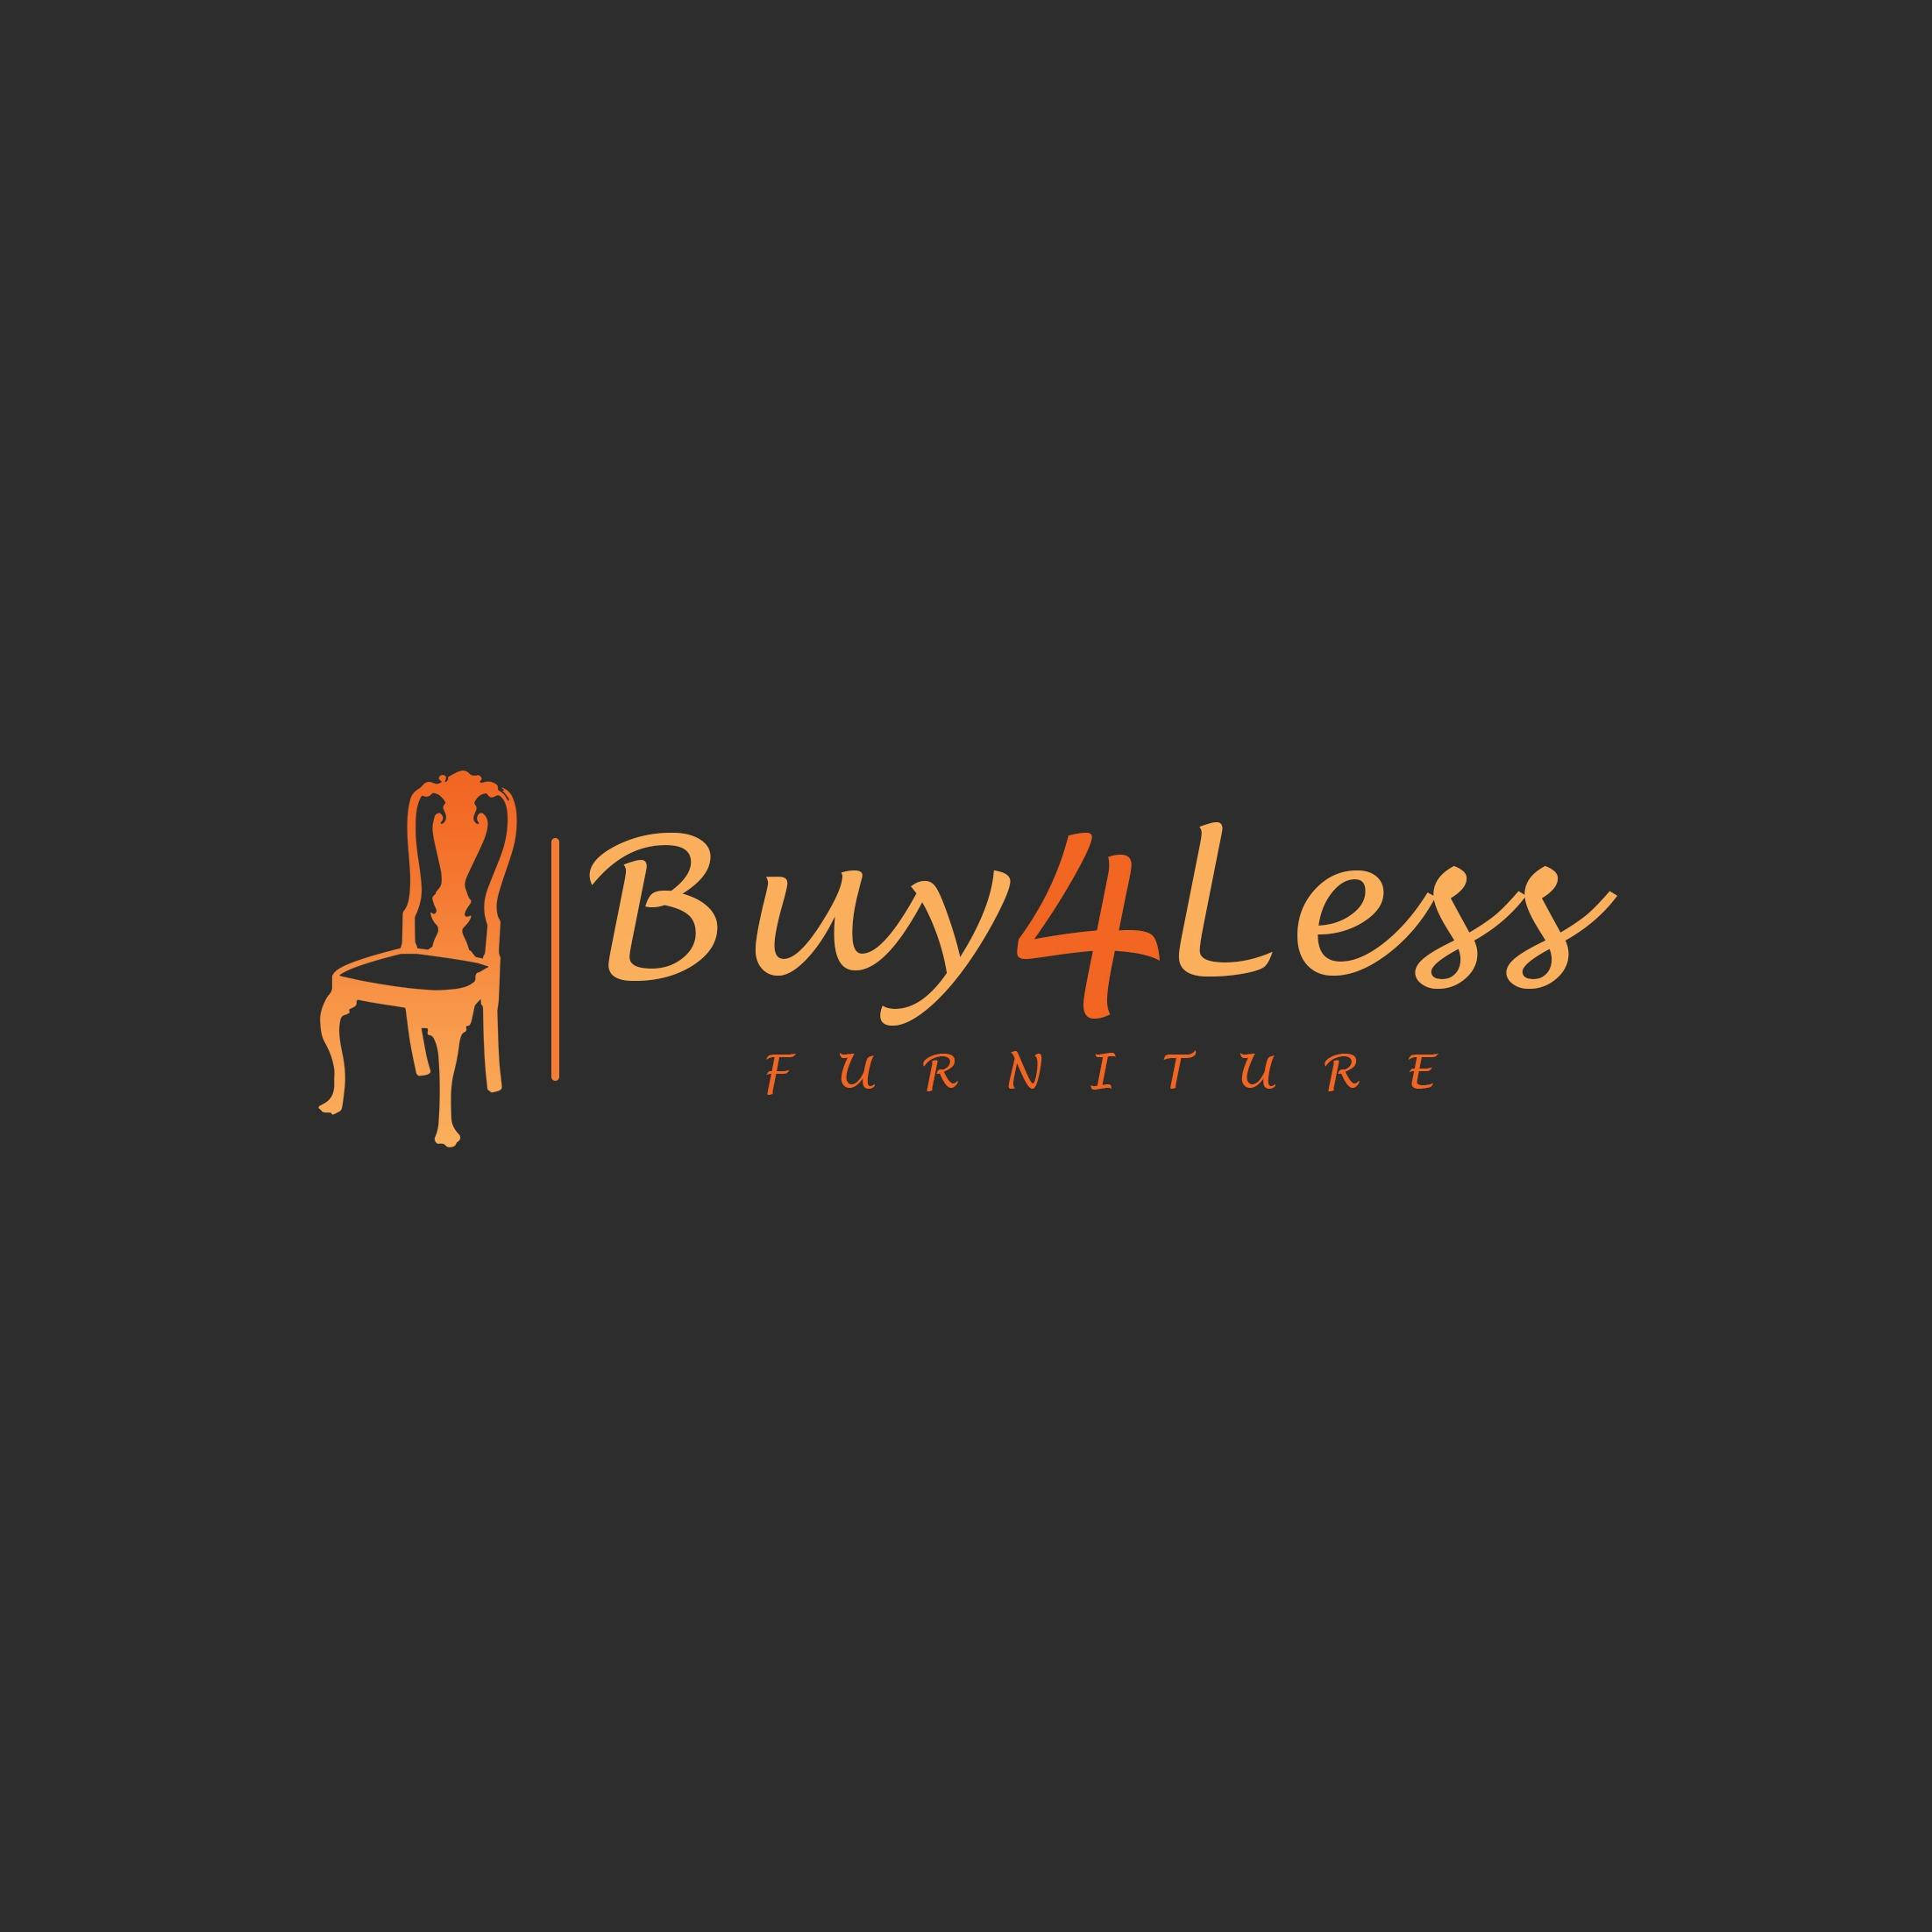 Buy 4 Less furniture